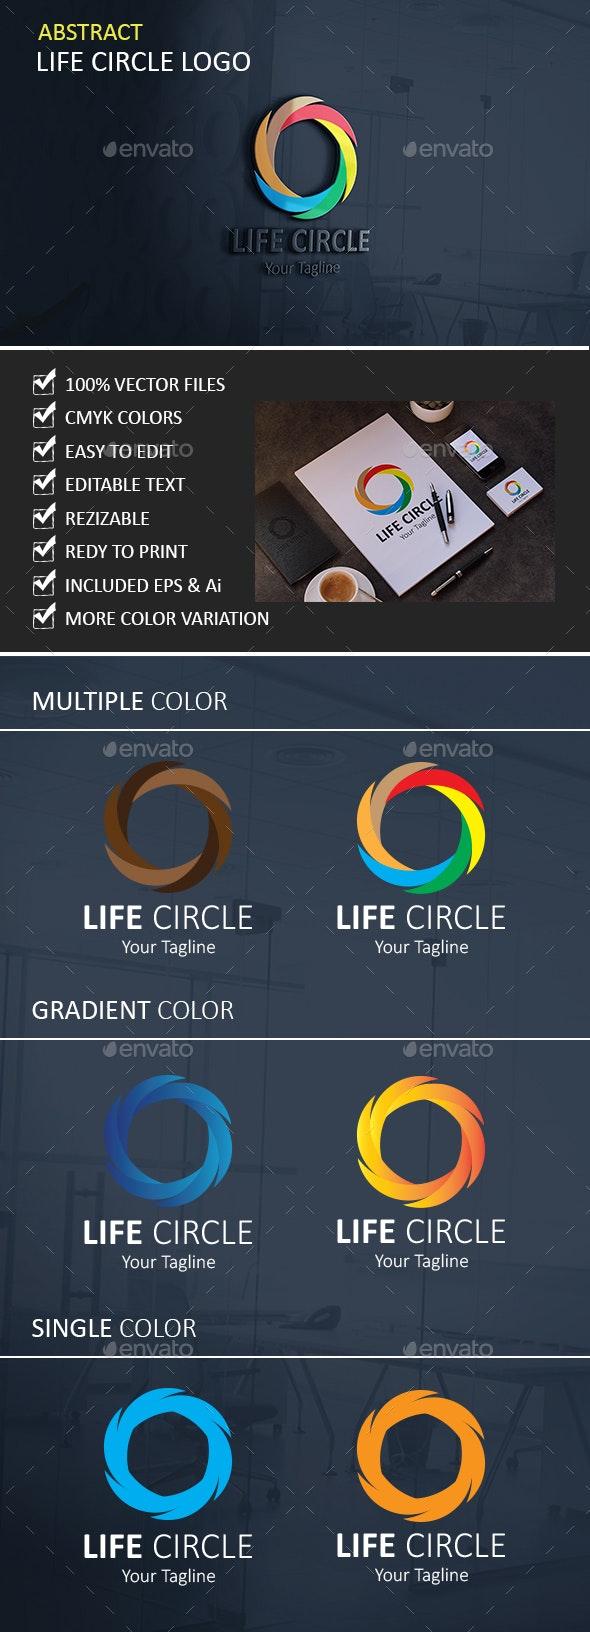 Life Circle Logo - Vector Abstract